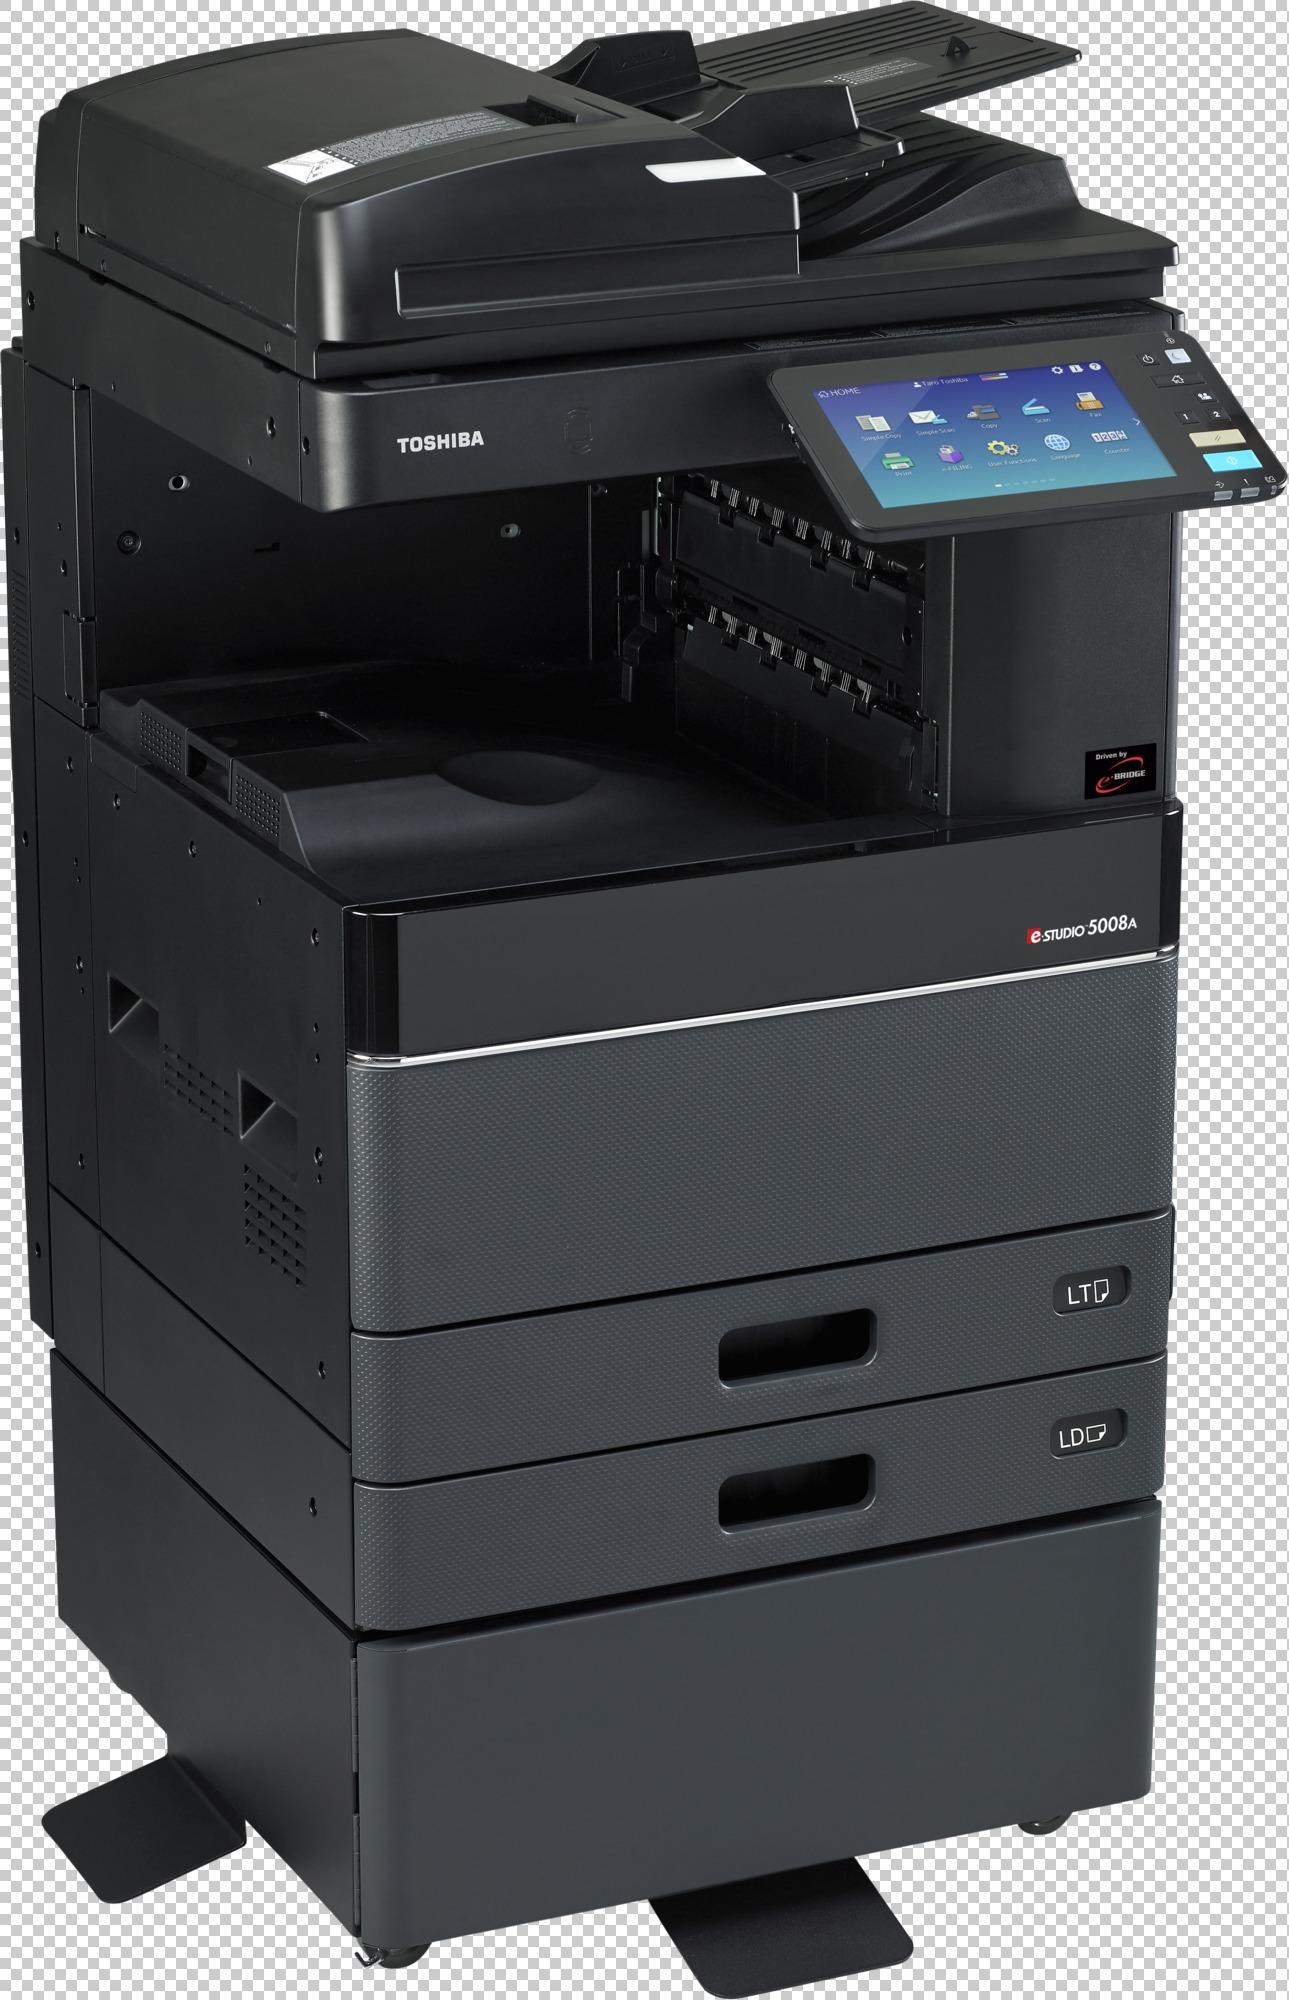 Toshiba e-STUDIO-3008a